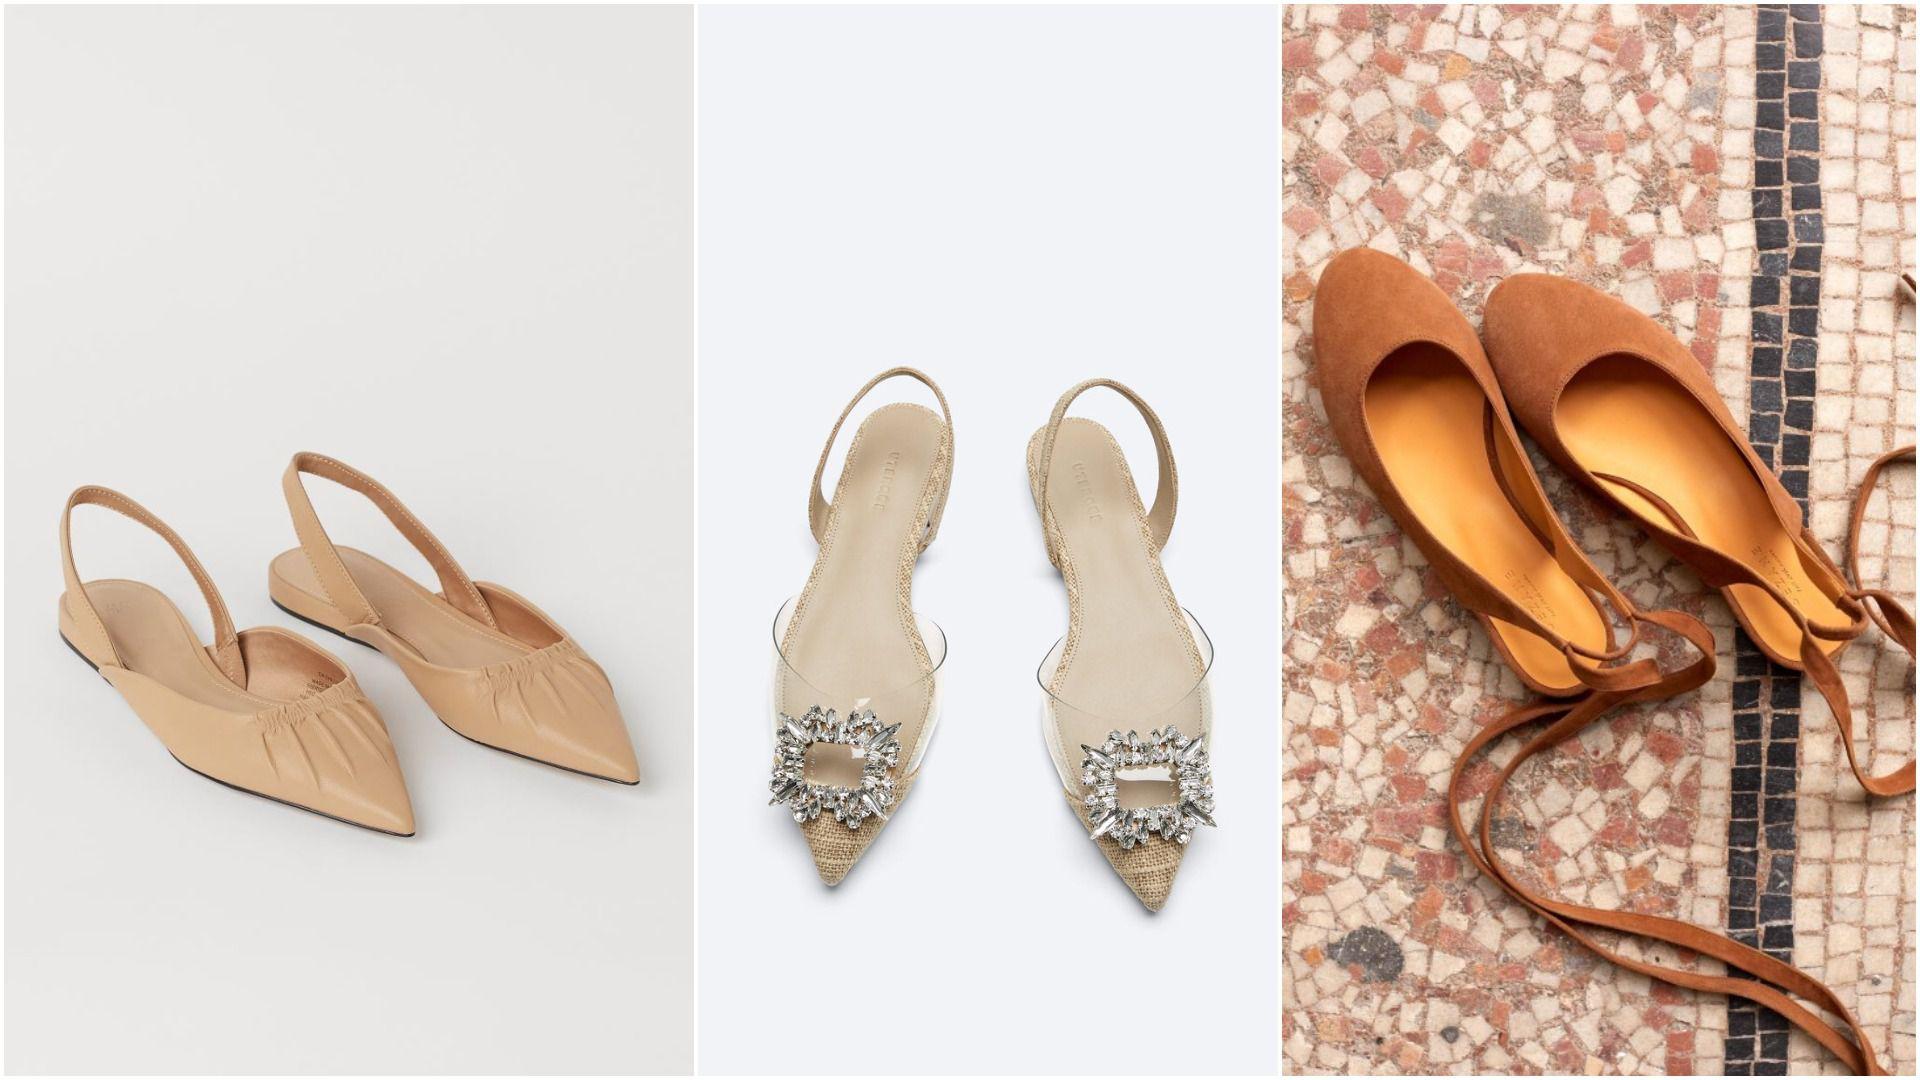 Ako niste tip za potpetice, izaberite neke od super modela balerinki već od stotinjak kuna